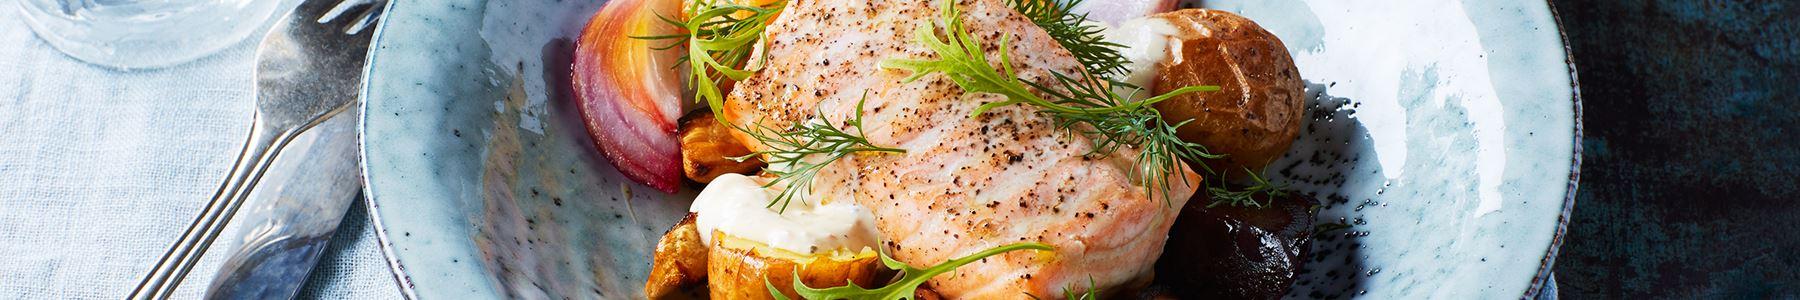 Billiga recept på fisk i ugn